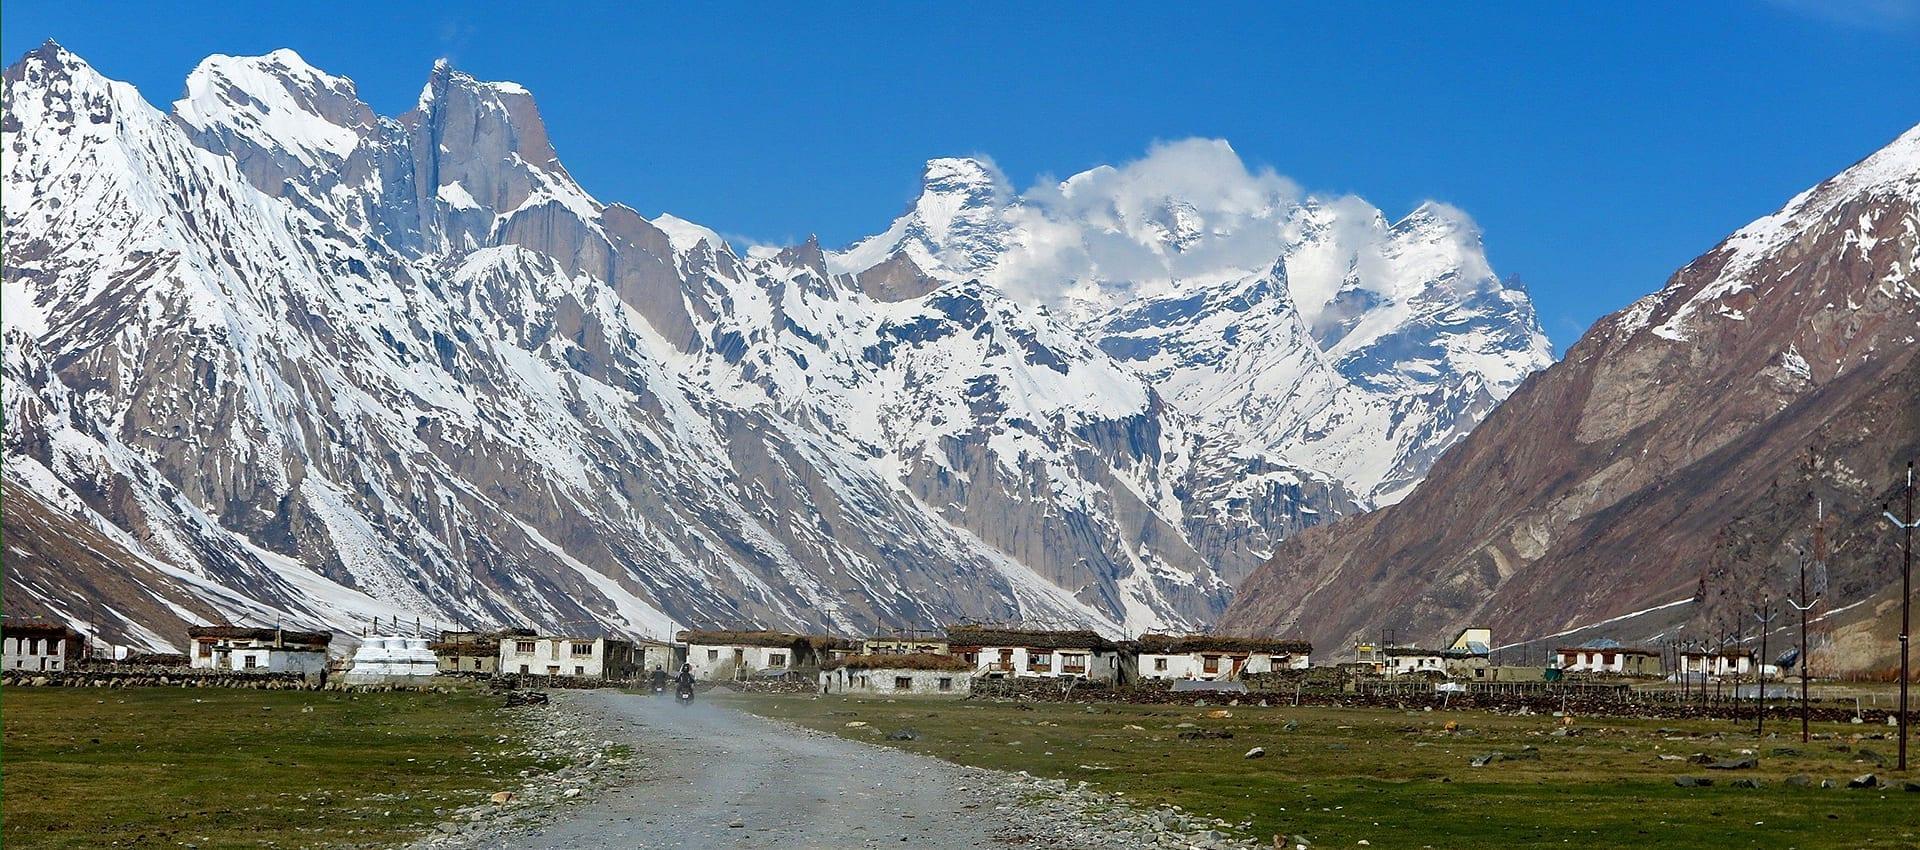 Download de Brochure van de Motorreis Himalaya Zanskar, de Zanskar Motor Challenge en ga met ons mee op pad naar Noord-India.